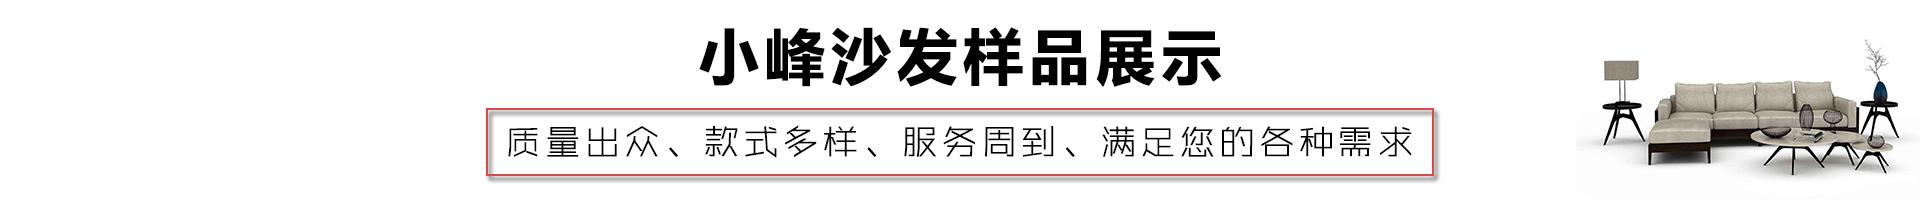 雷竞技官网下载展示